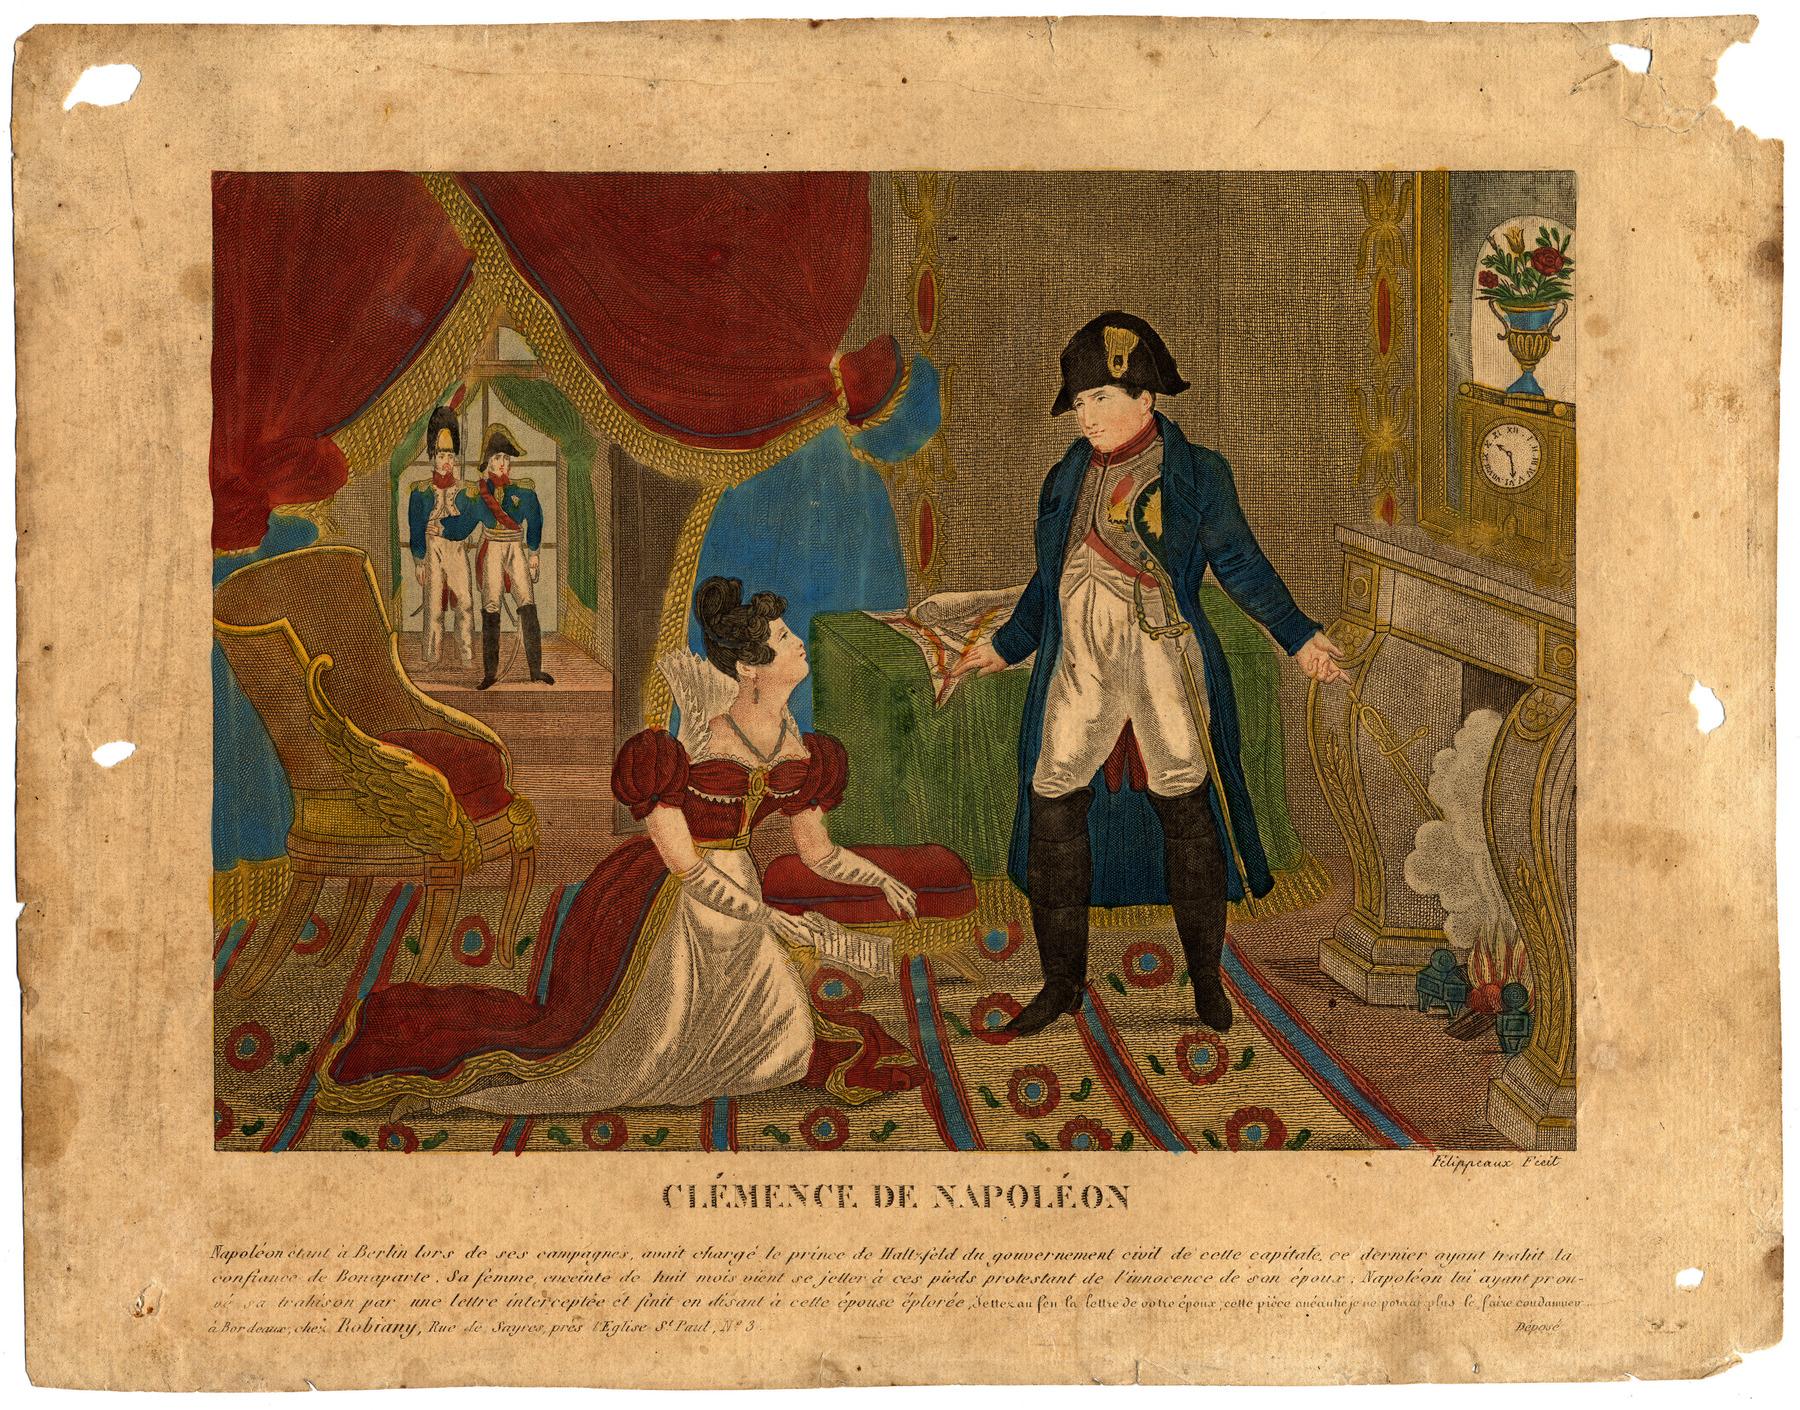 Contenu du Clémence de Napoléon